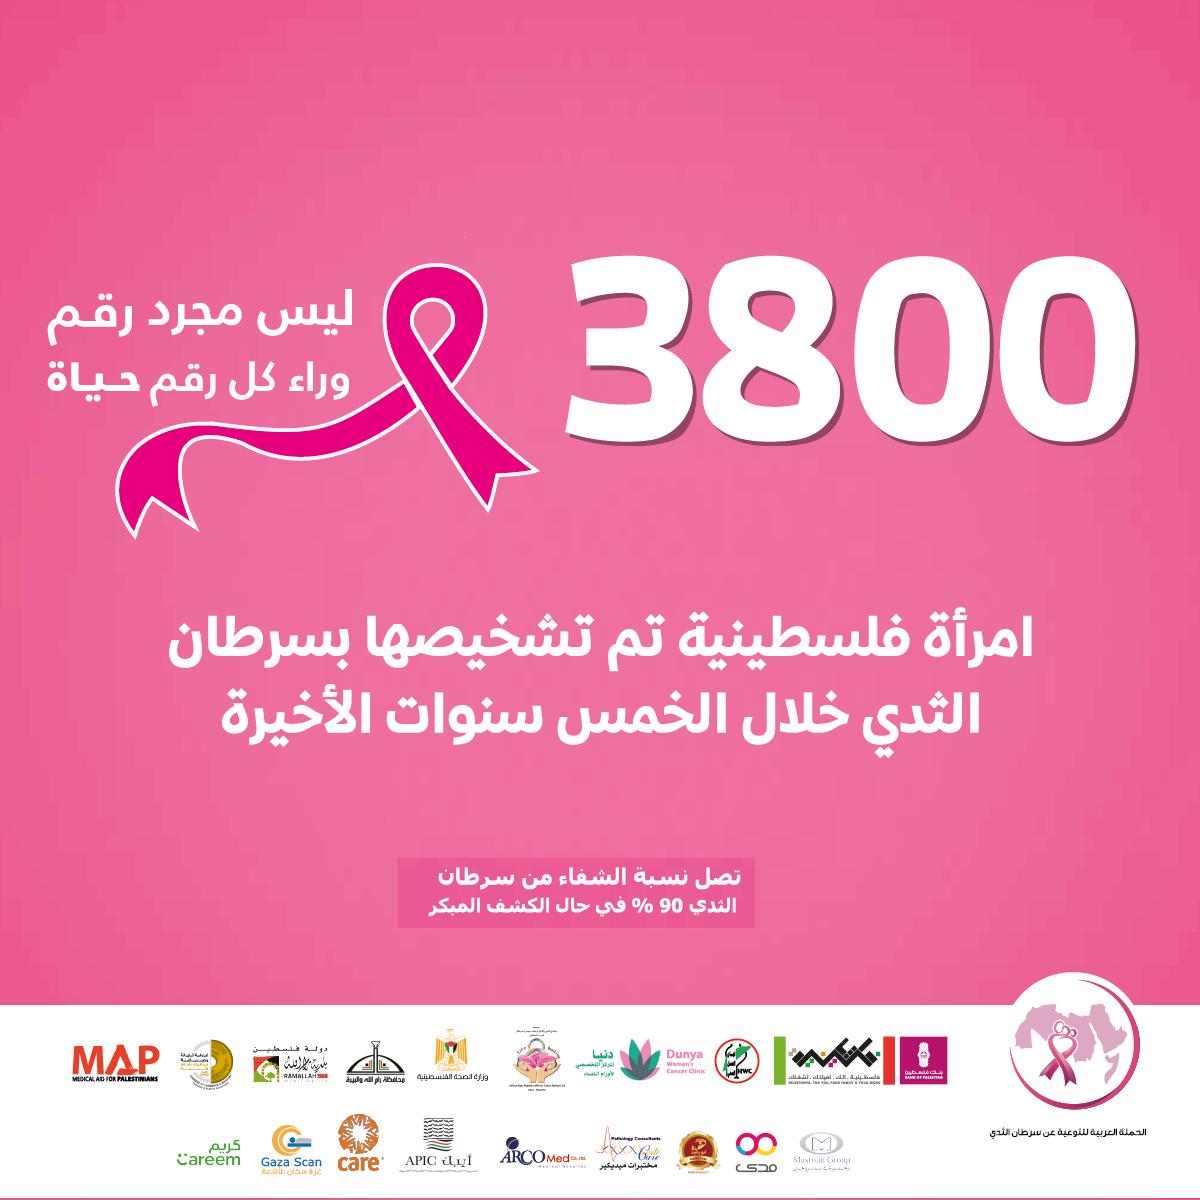 """بنك فلسطين بالتعاون مع عدد من المؤسسات يطلق حملة """"أكتوبر"""" للتوعية بأهمية الكشف المبكر عن سرطان الثدي"""